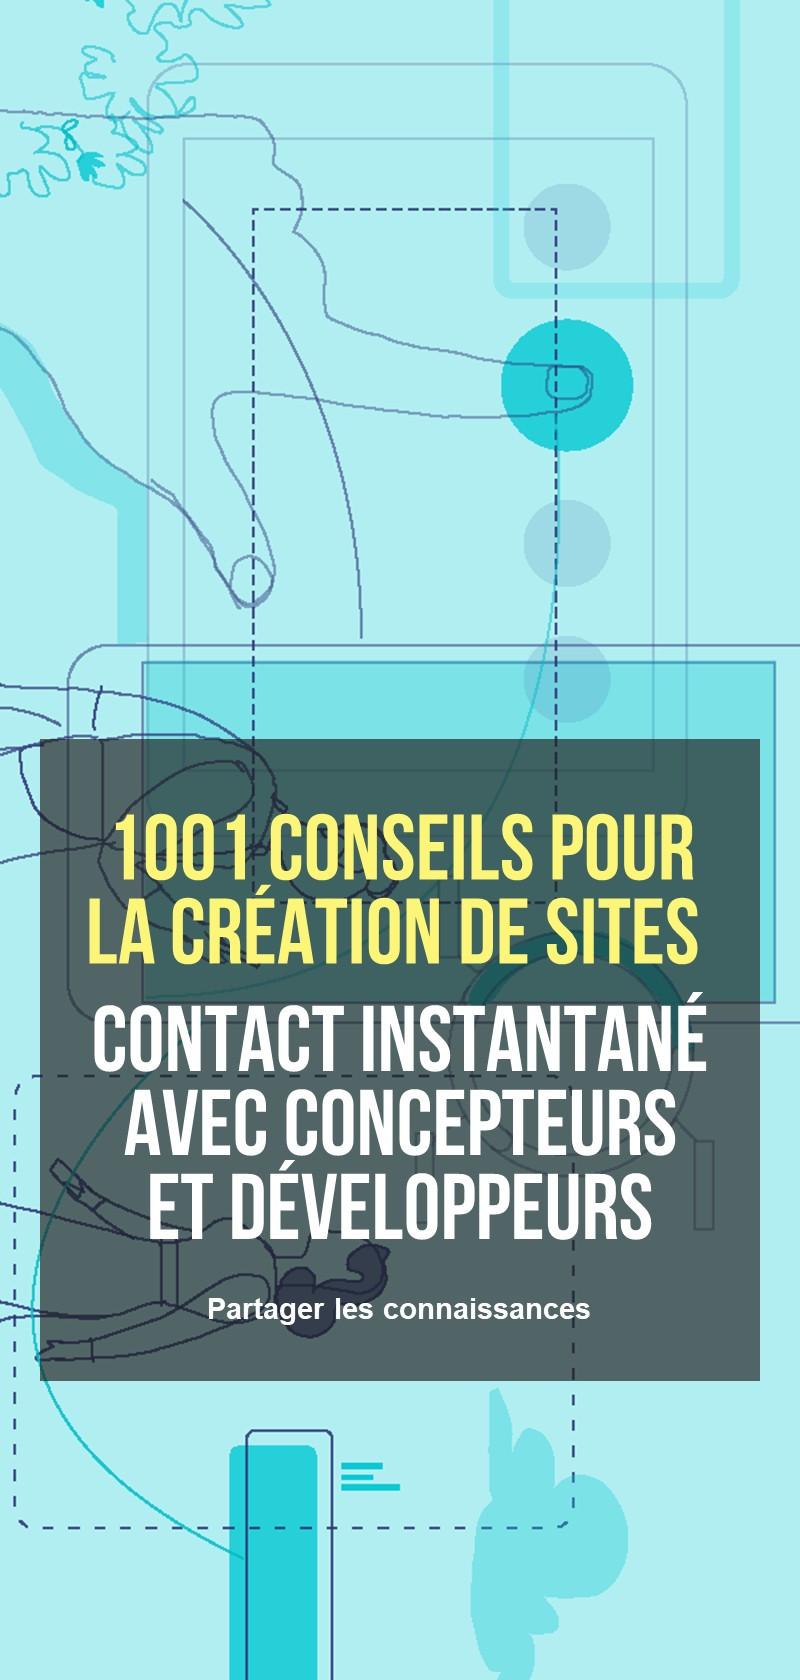 Concepteurs et développeurs de sites Web